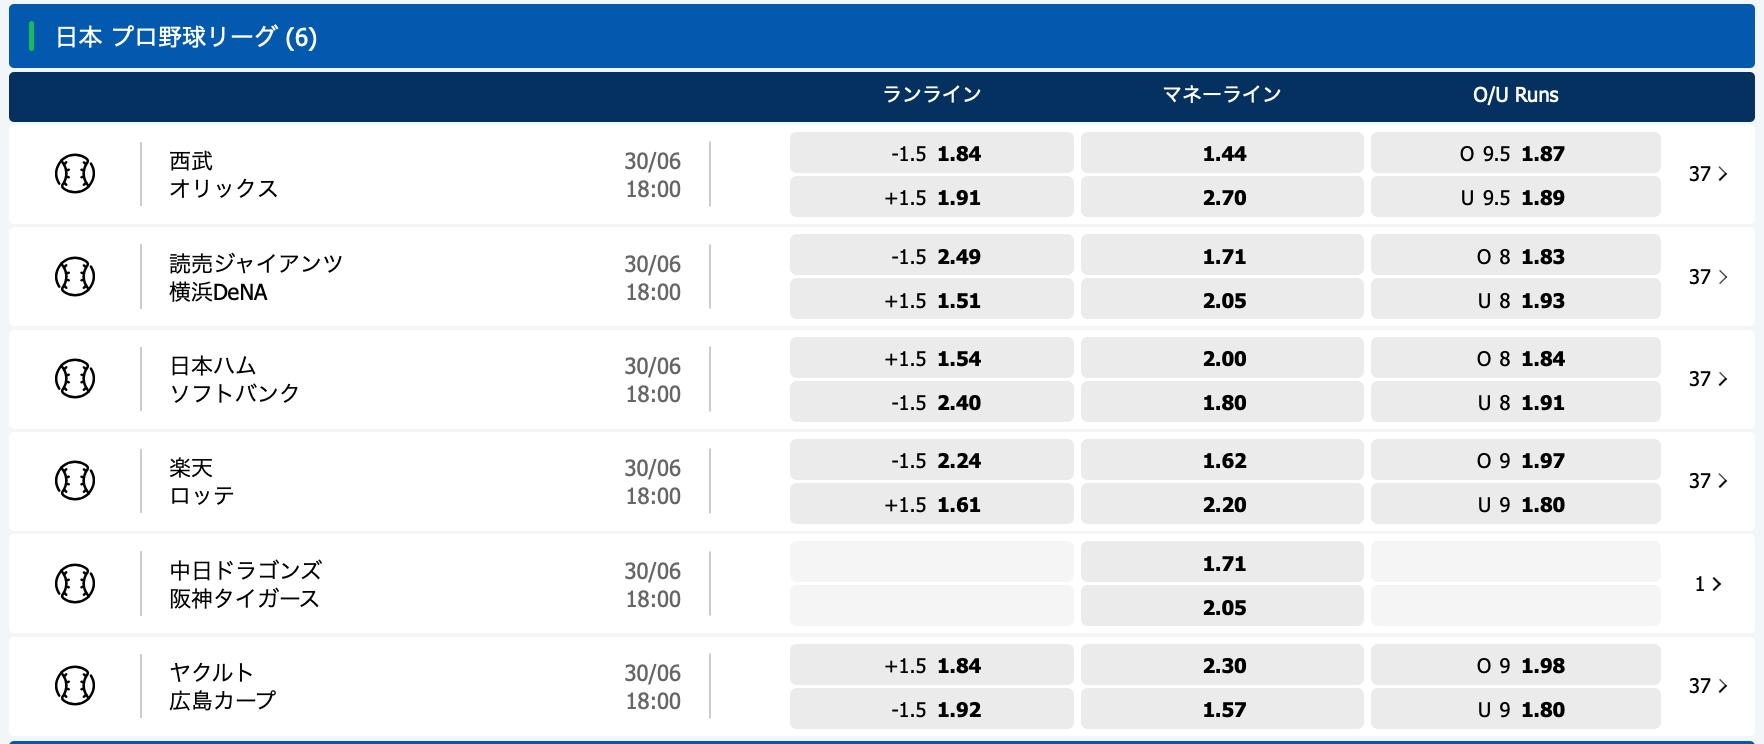 2020.6.30 プロ野球オッズ・10bet Japan